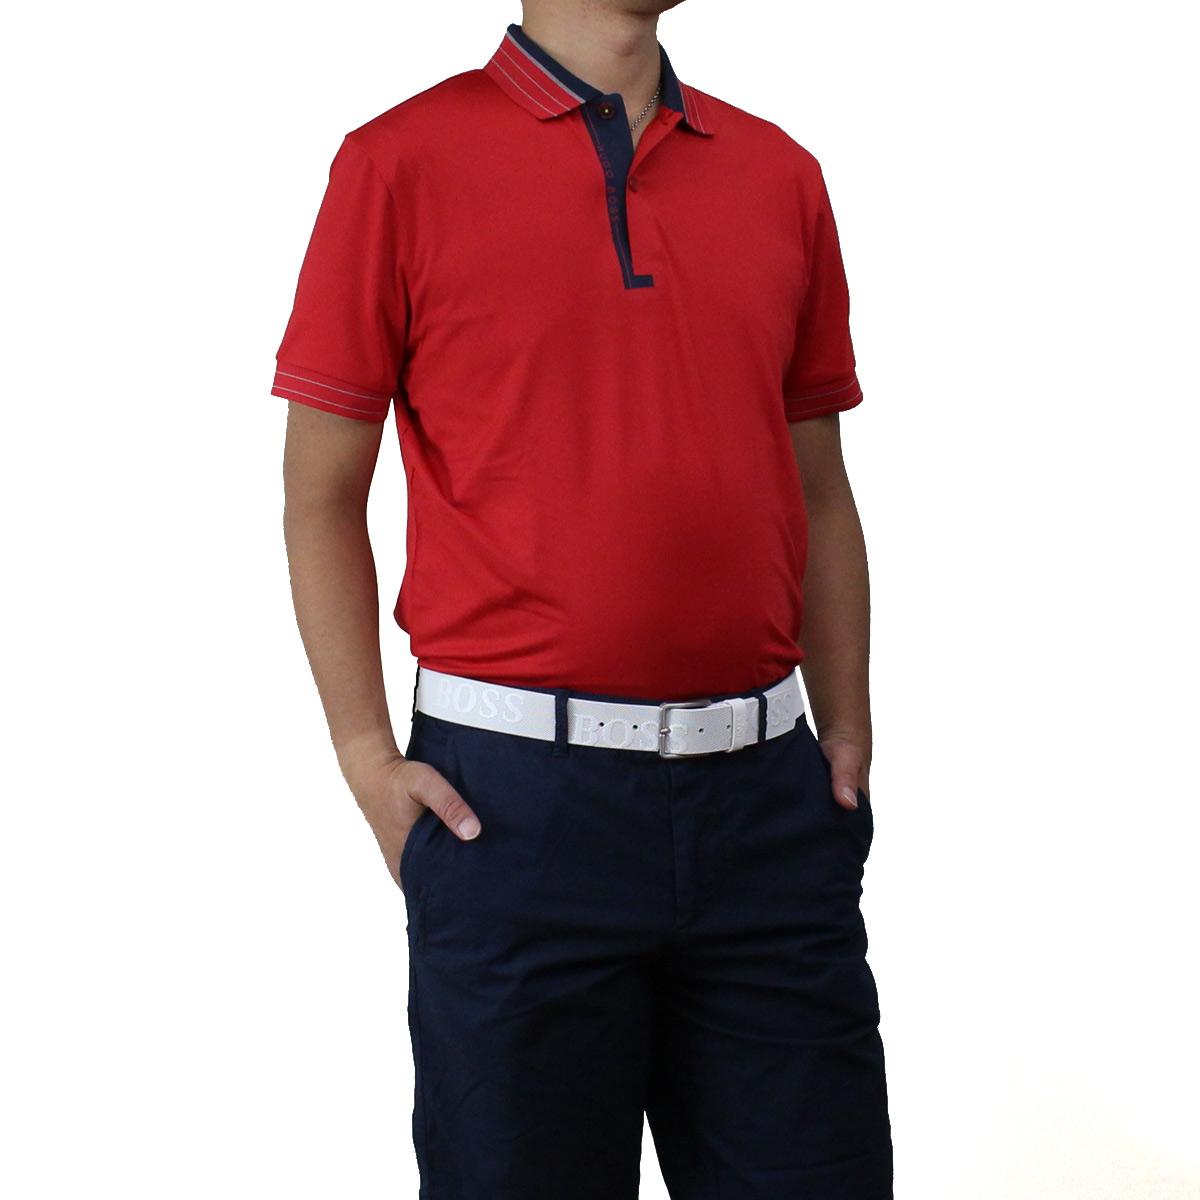 ヒューゴ ボス HUGO BOSS PADDY PRO 1 パディ プロ ポロシャツ 半袖 ゴルフウェア 50403515 10208323 622 レッド系 メンズ【キャッシュレス 5% 還元】